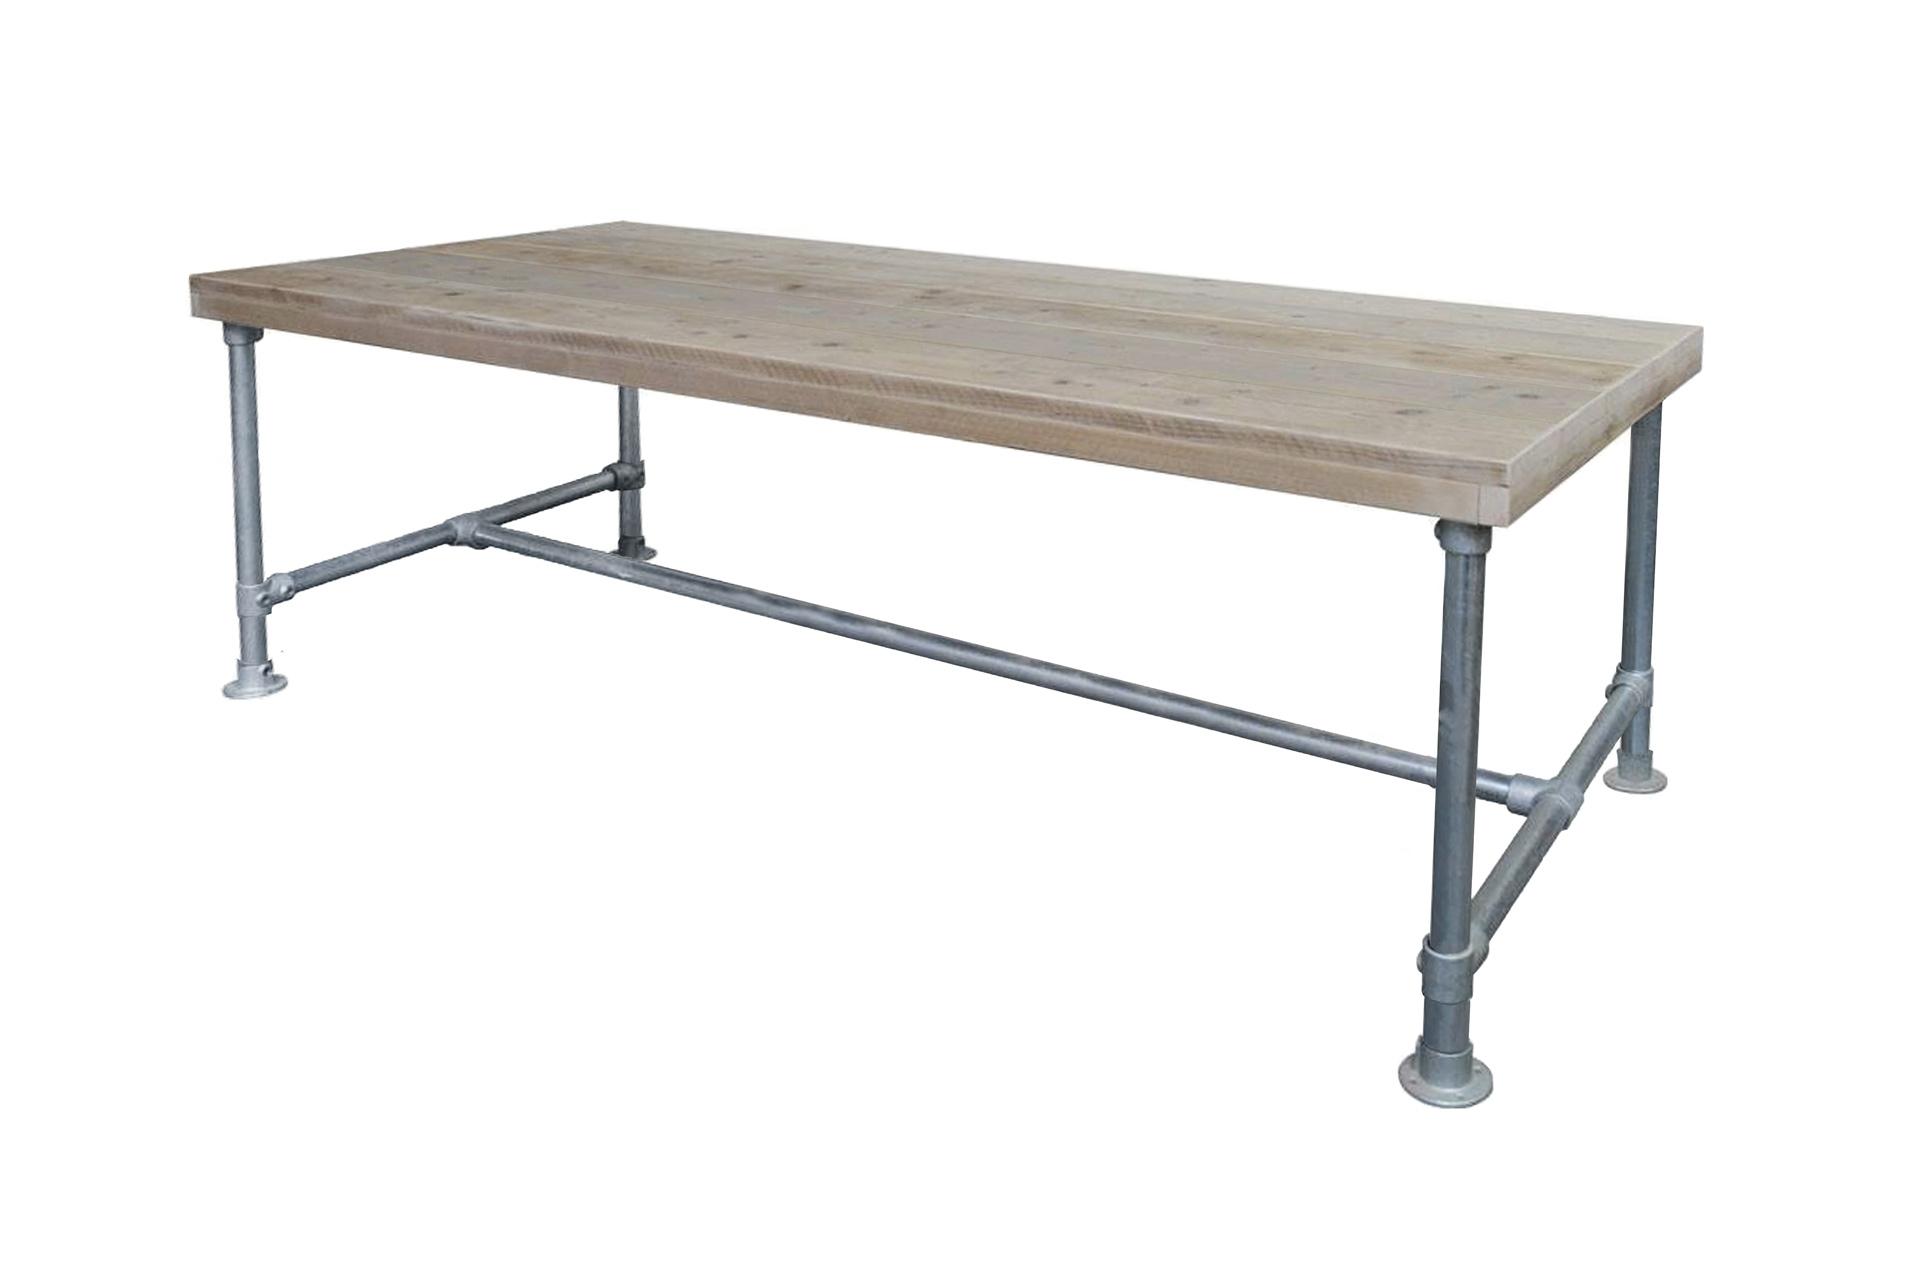 Witte houten tafel 200 meter beste inspiratie voor huis ontwerp - Tafel een italien kribbe ontwerp ...